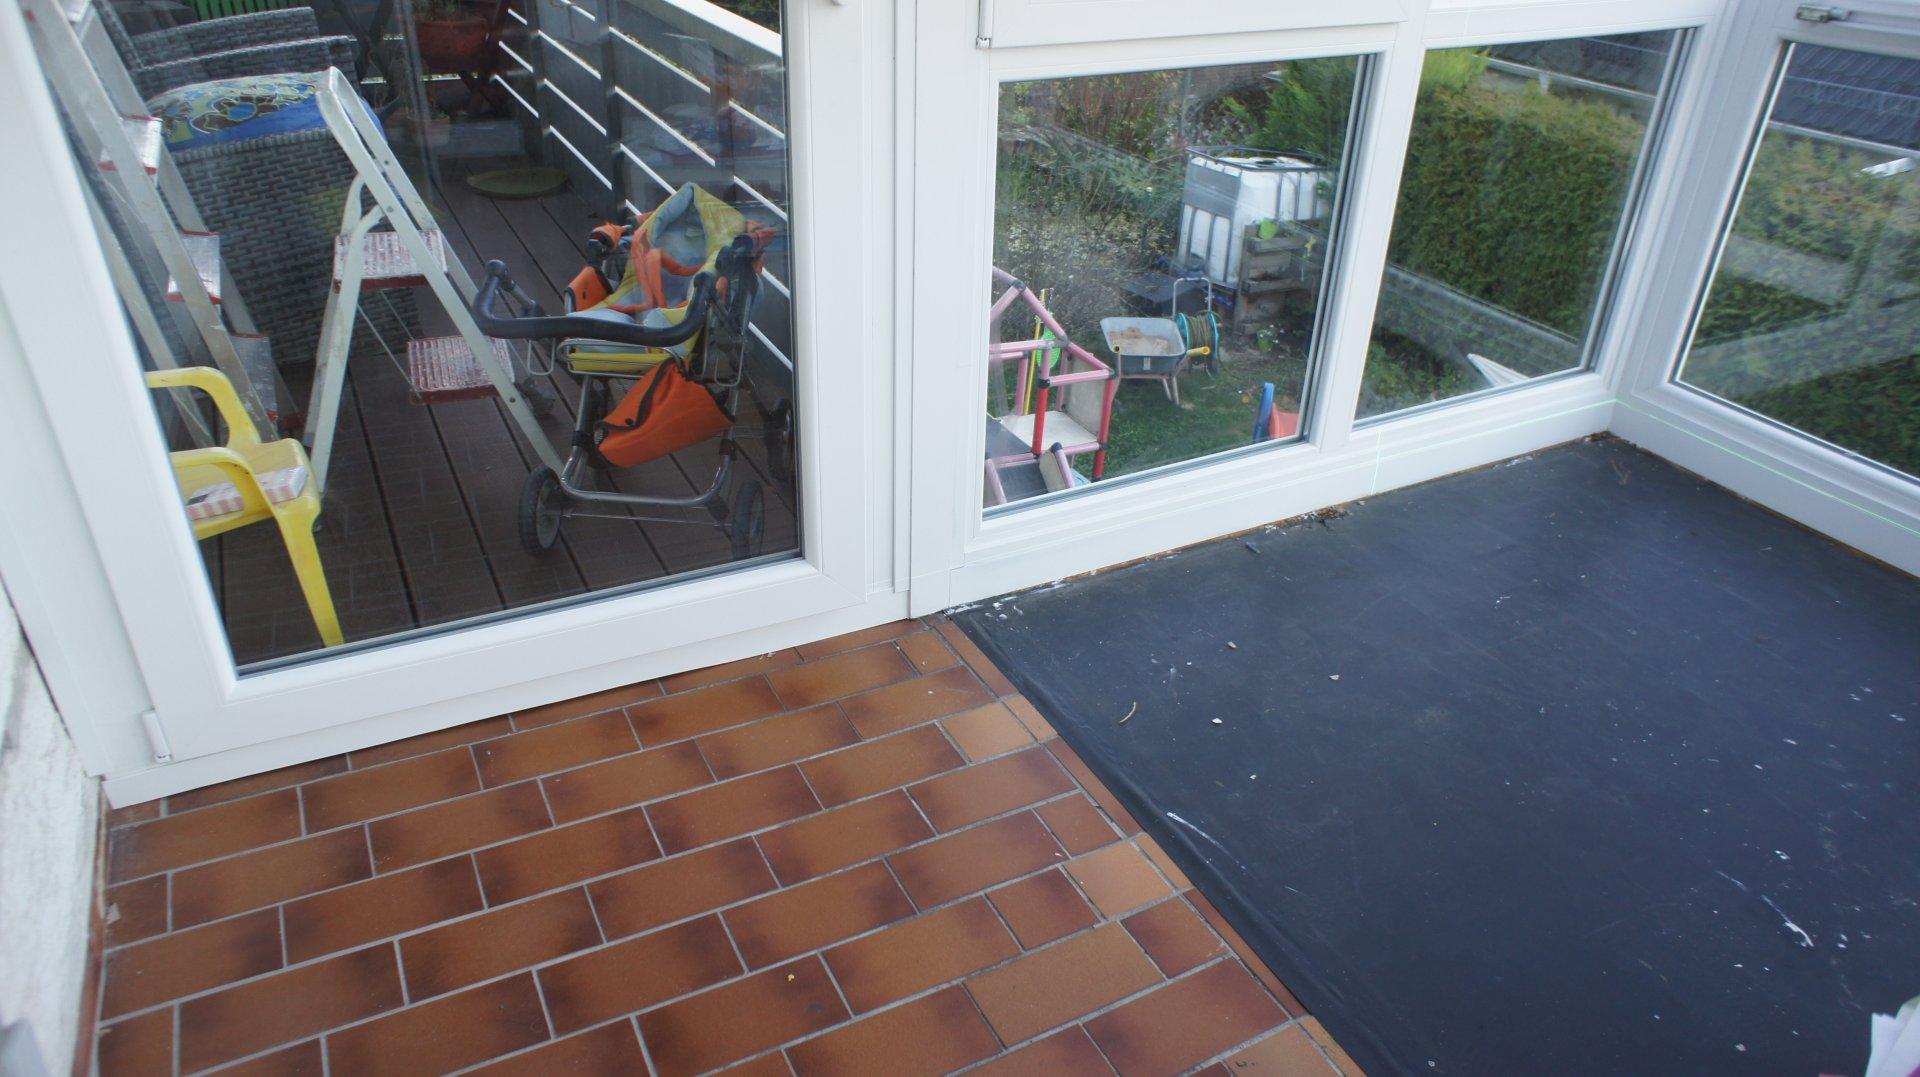 Favorit Boden ausgleichen für Wintergarten FX15